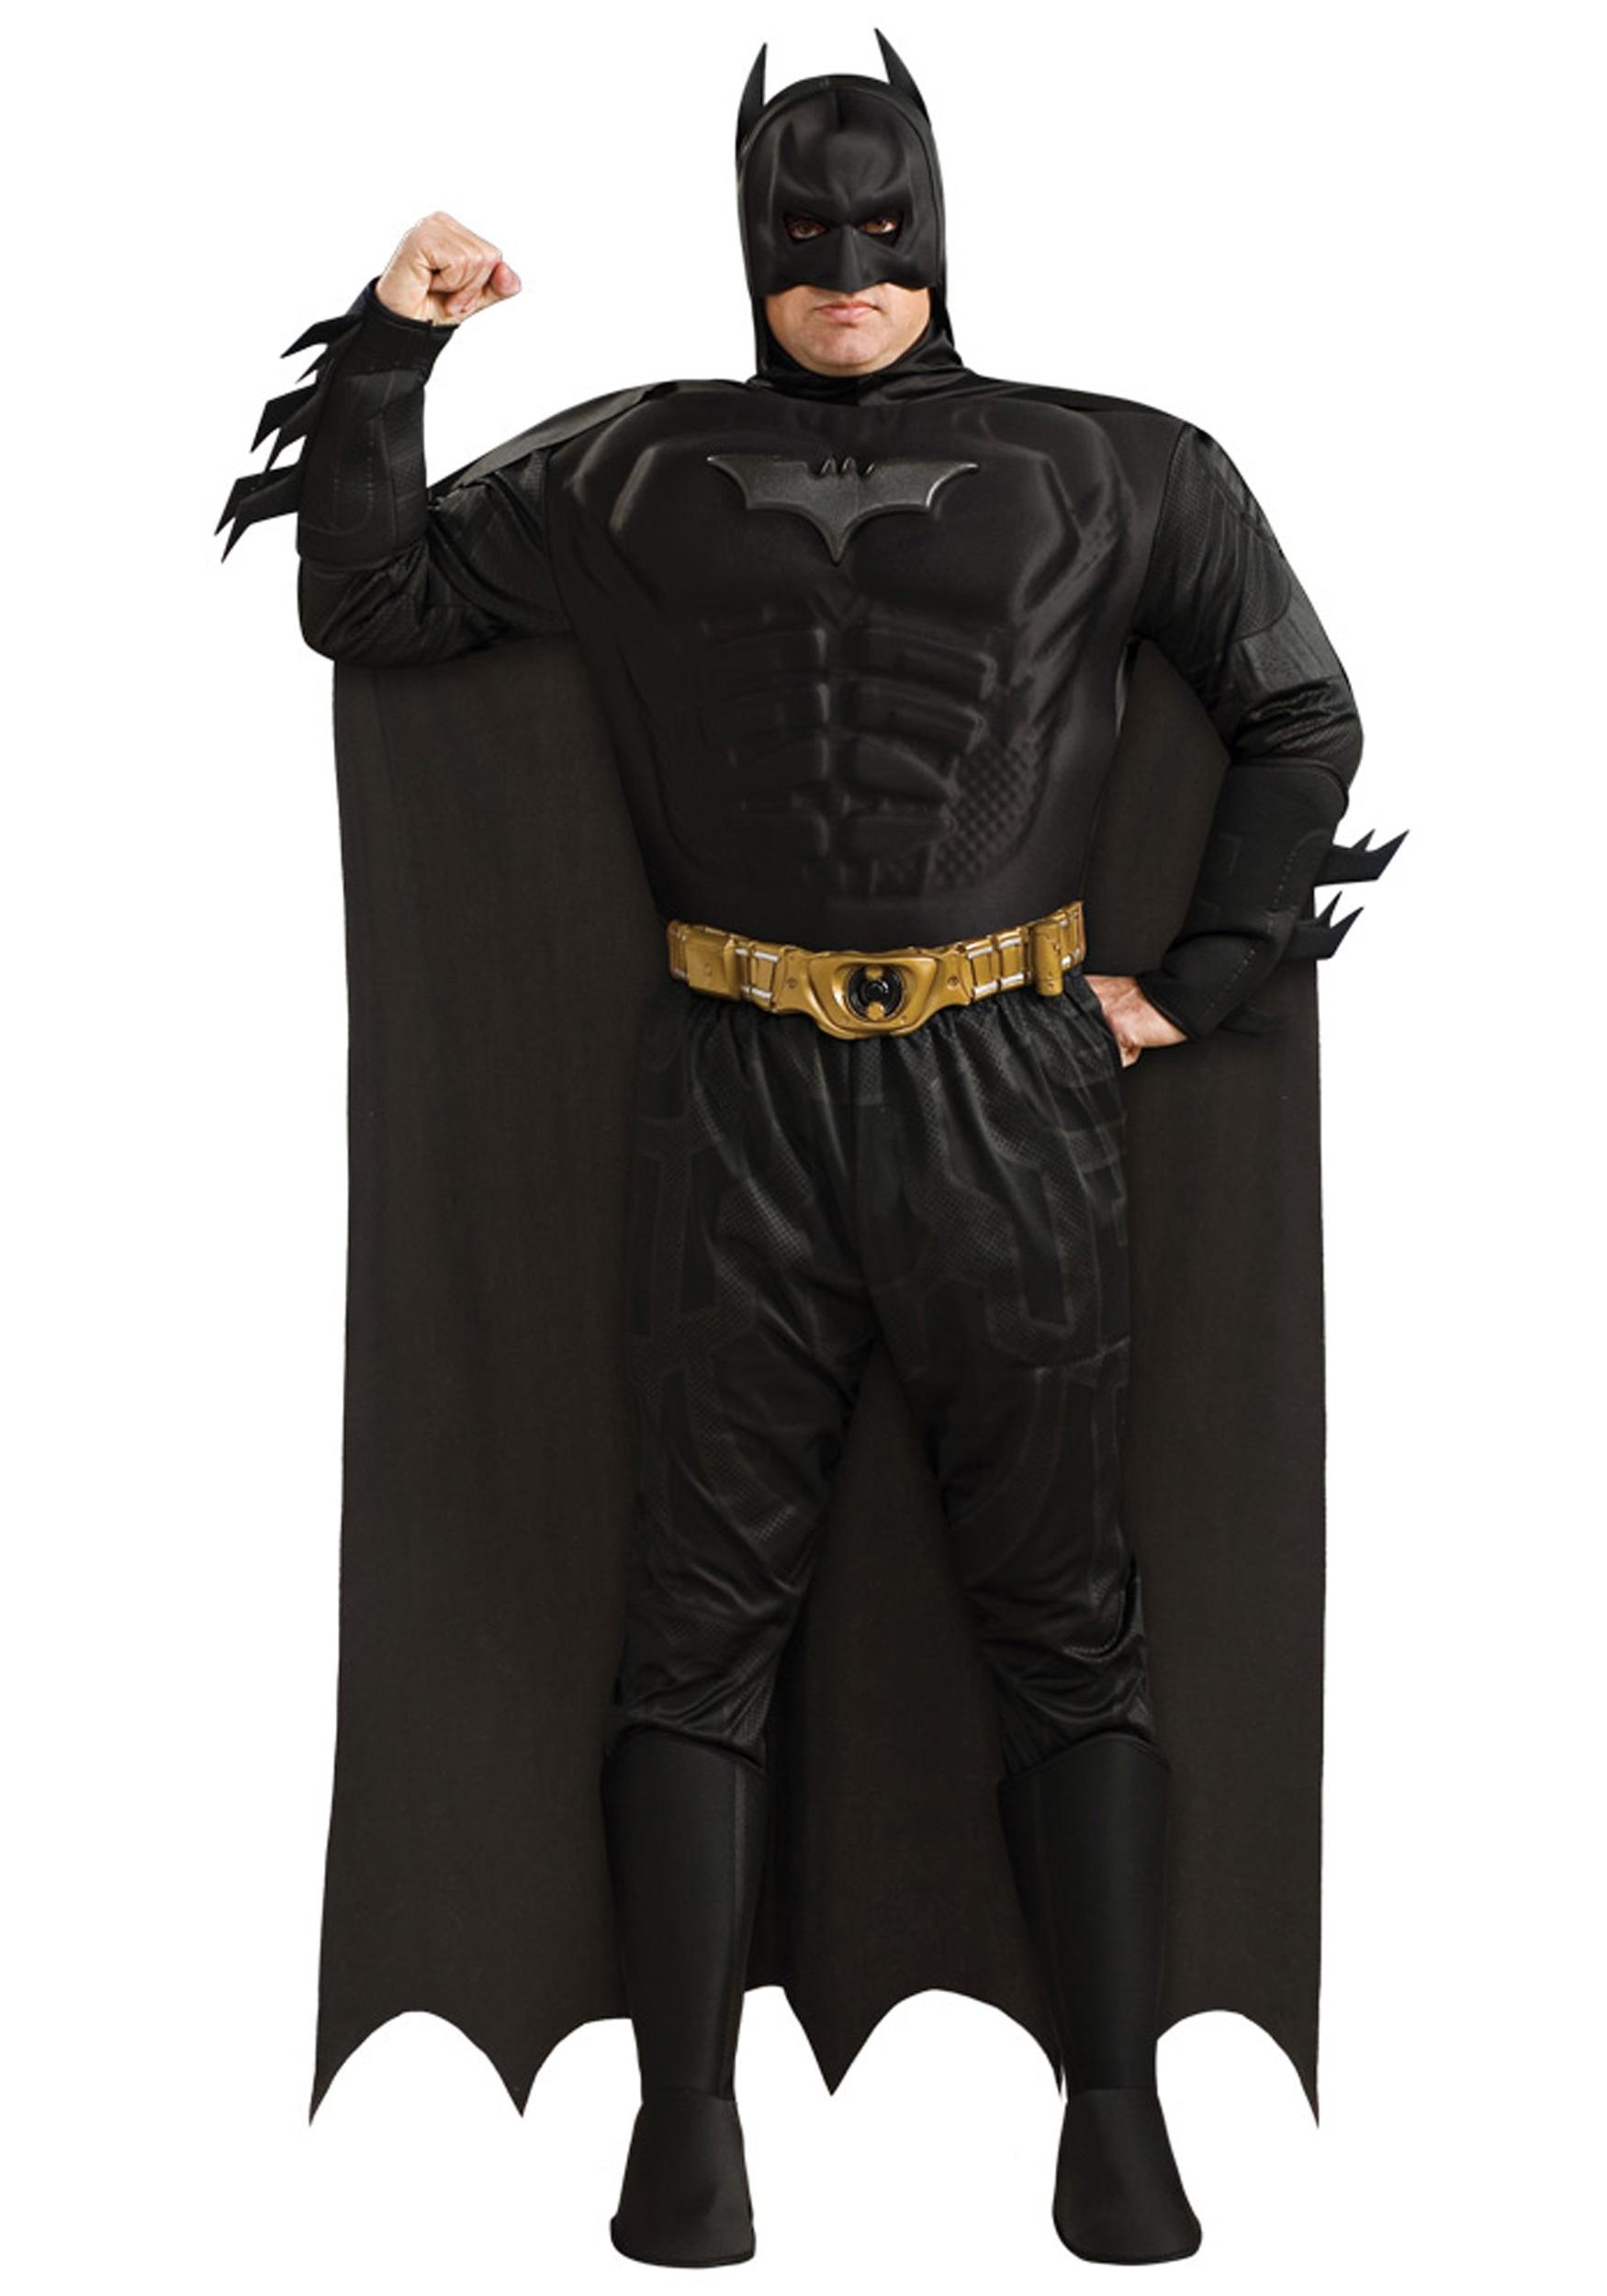 Mens Plus Size Batman Costume  sc 1 st  Halloween Costumes & Mens Plus Size Batman Costume - Halloween Costumes